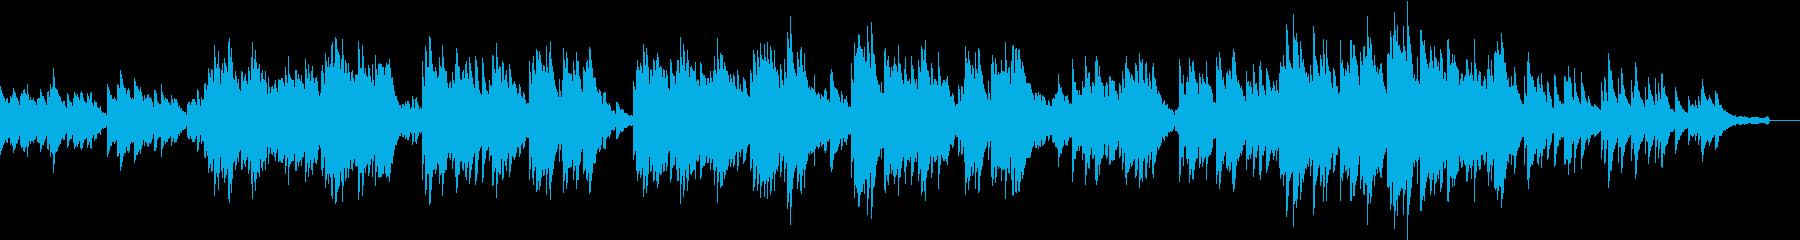 エレピとチェレスタの優しい雰囲気の曲の再生済みの波形